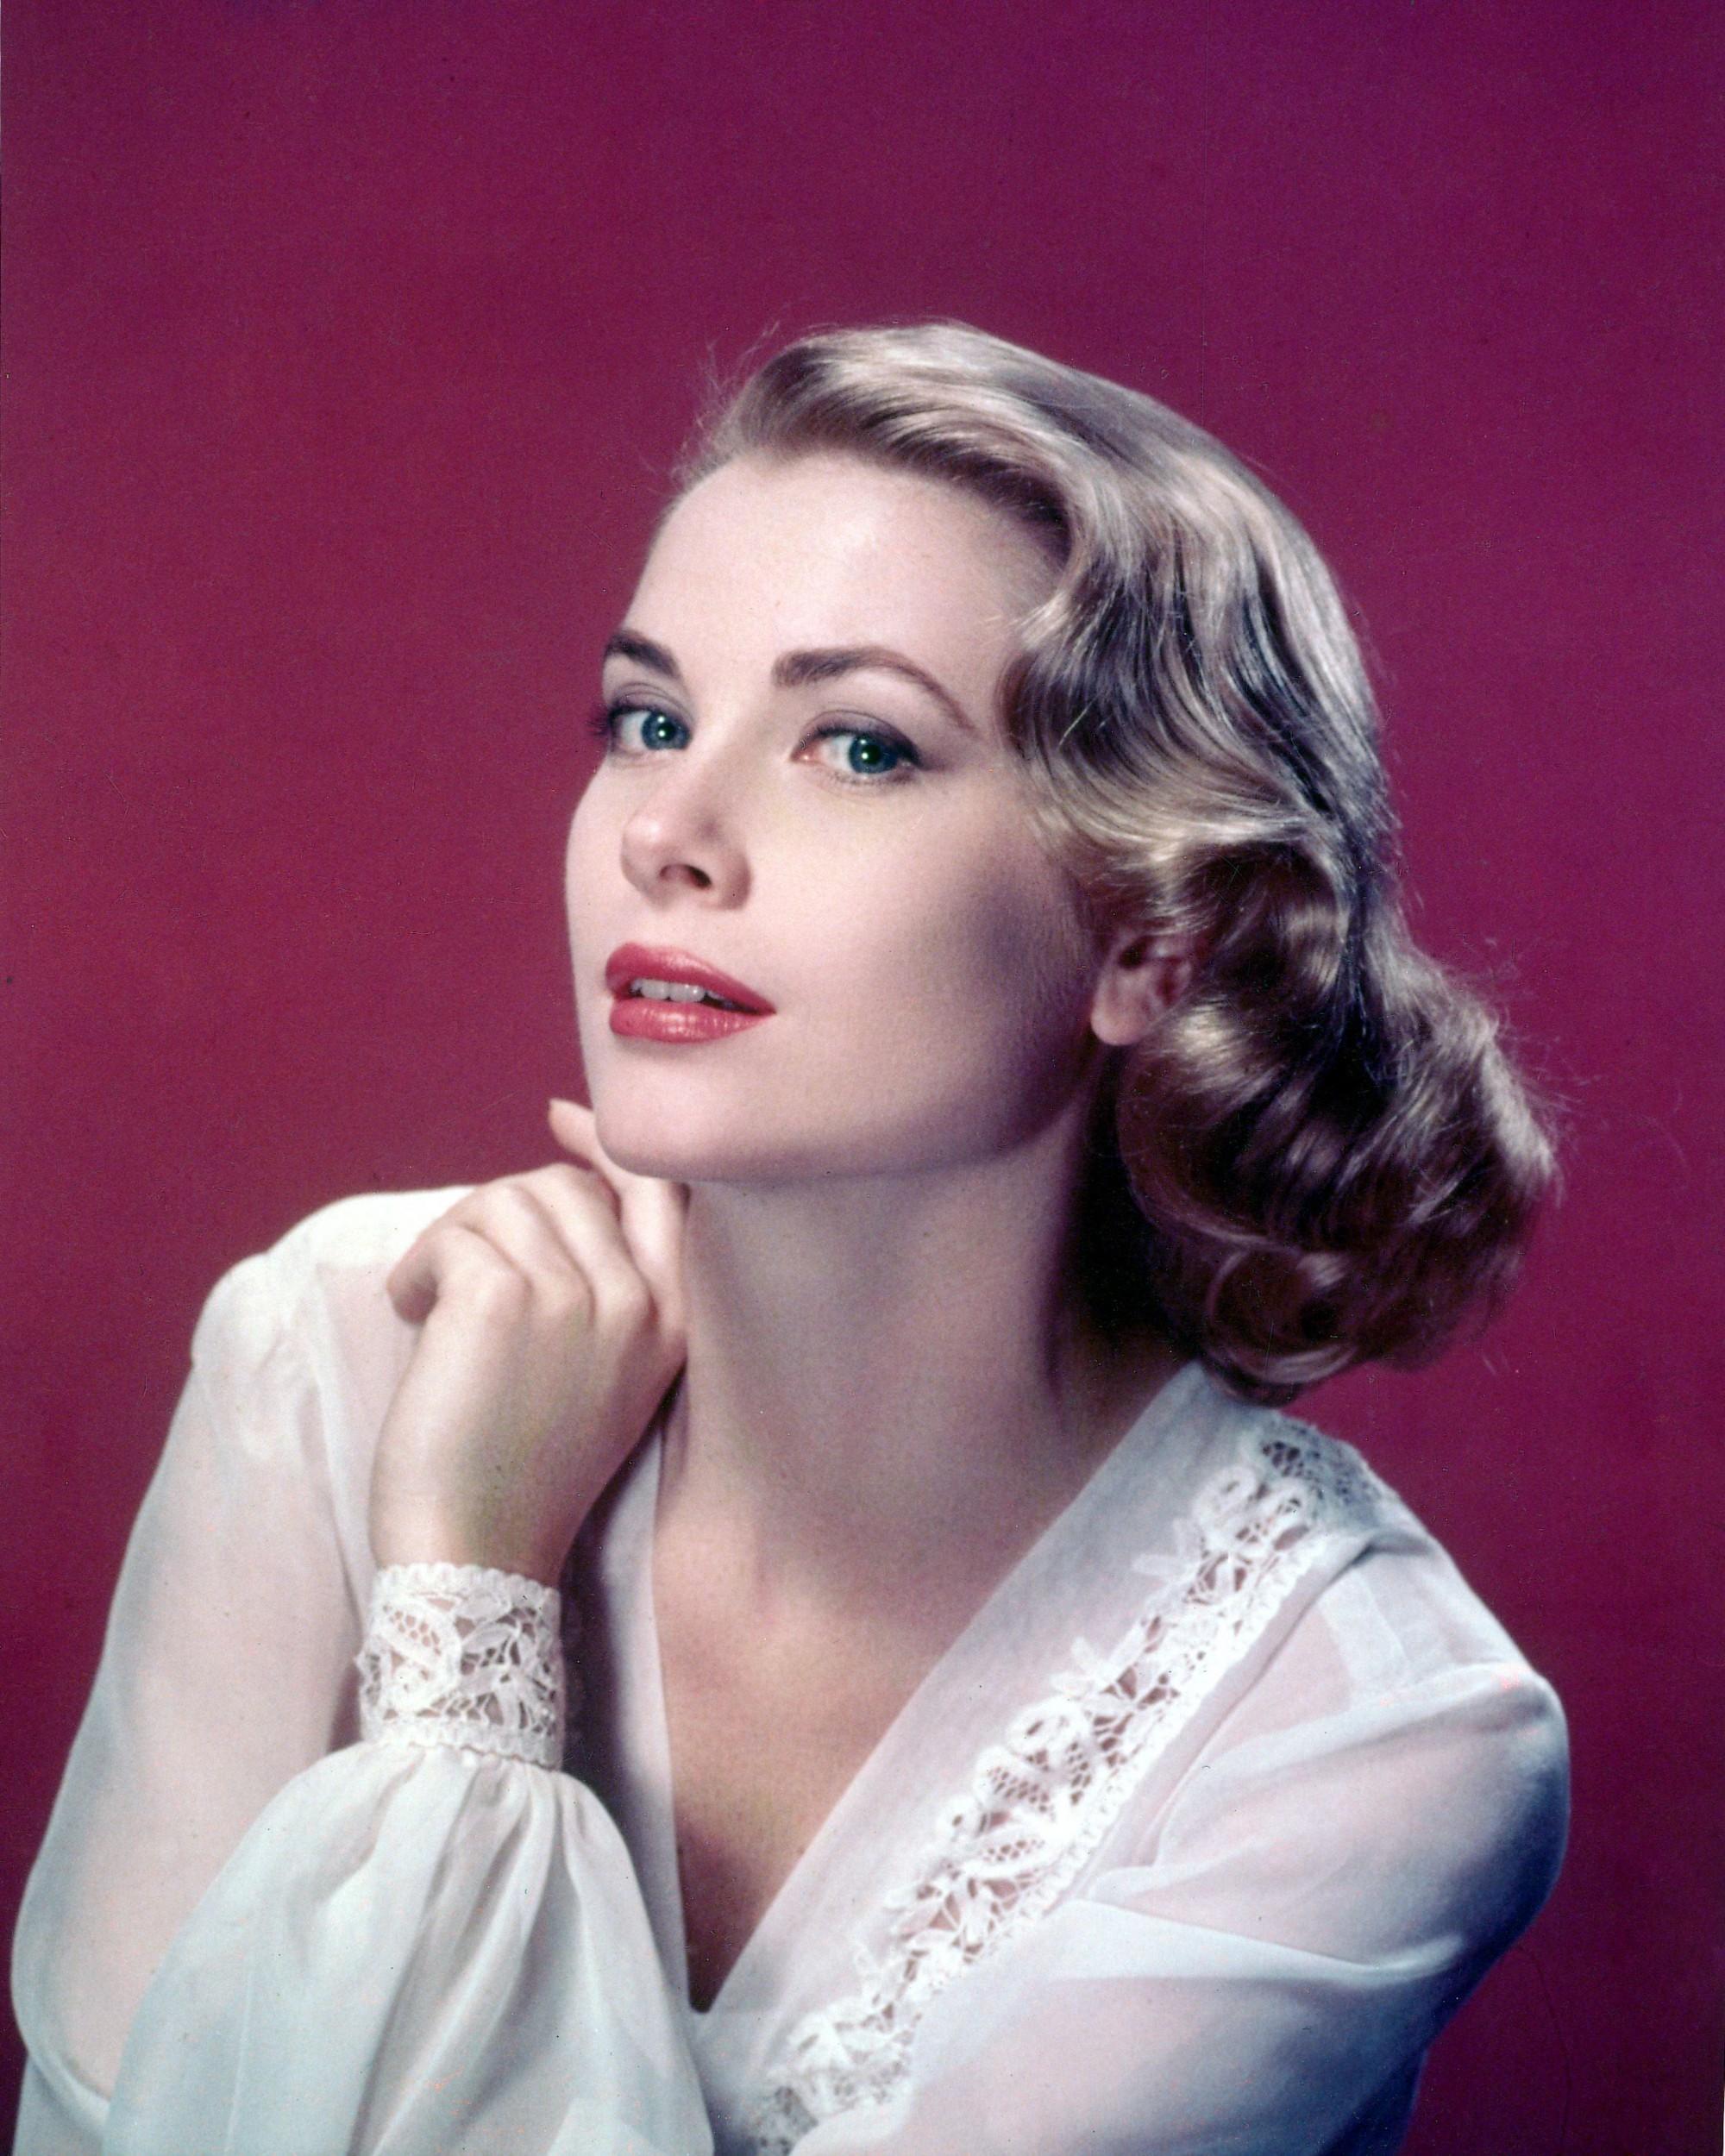 Cuộc đời ly kỳ của Grace Kelly: Tiểu thư triệu phú bỏ tượng vàng Oscar để thành Công nương hoàng gia và cái chết bí ẩn - Ảnh 10.